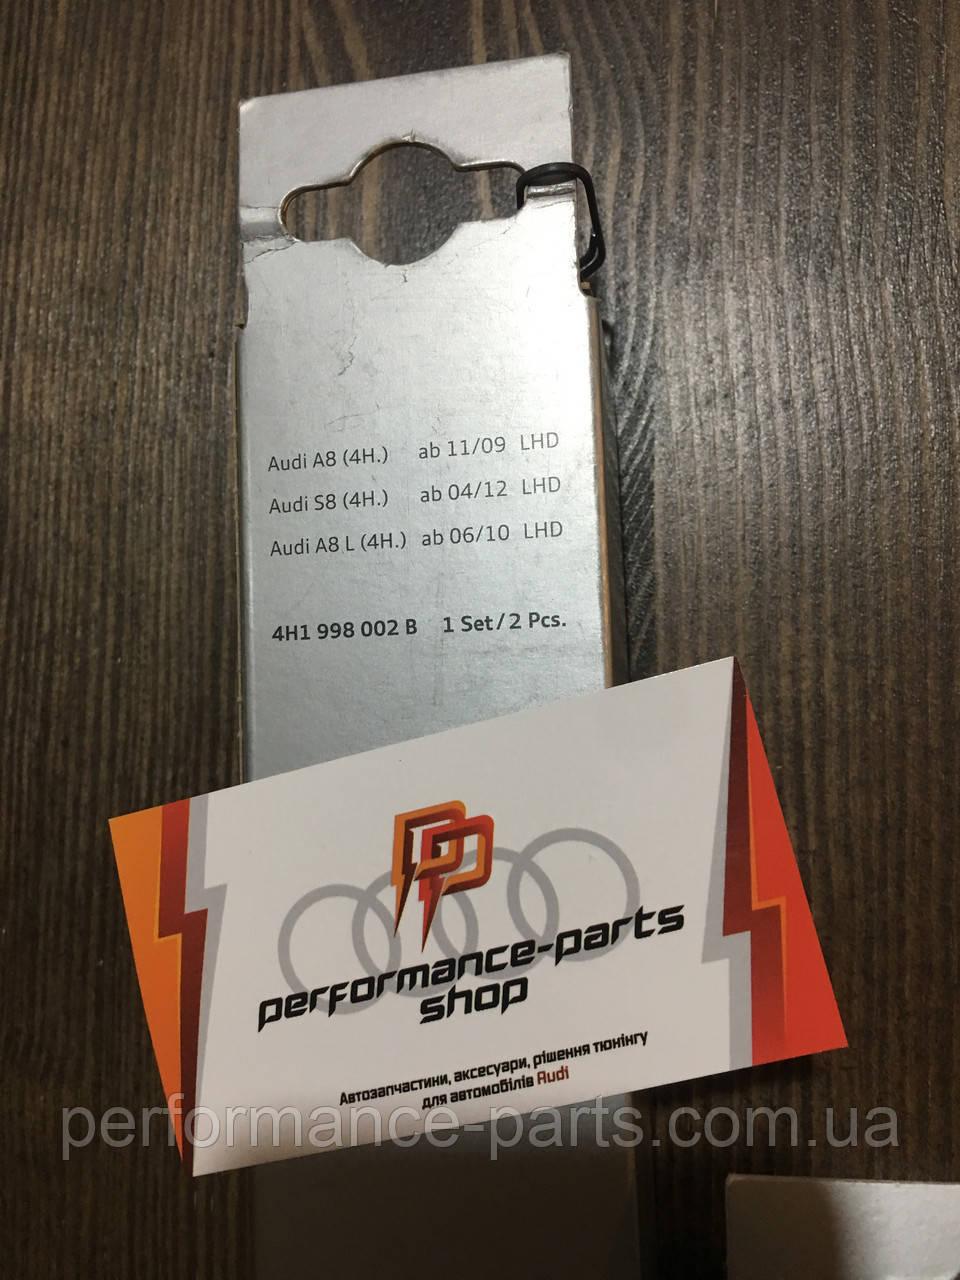 Щетки стеклоочистителя AUDI A8 S8 4H 4H1998002B. Комплект 2 штуки. Оригинал. Безкаркасные.